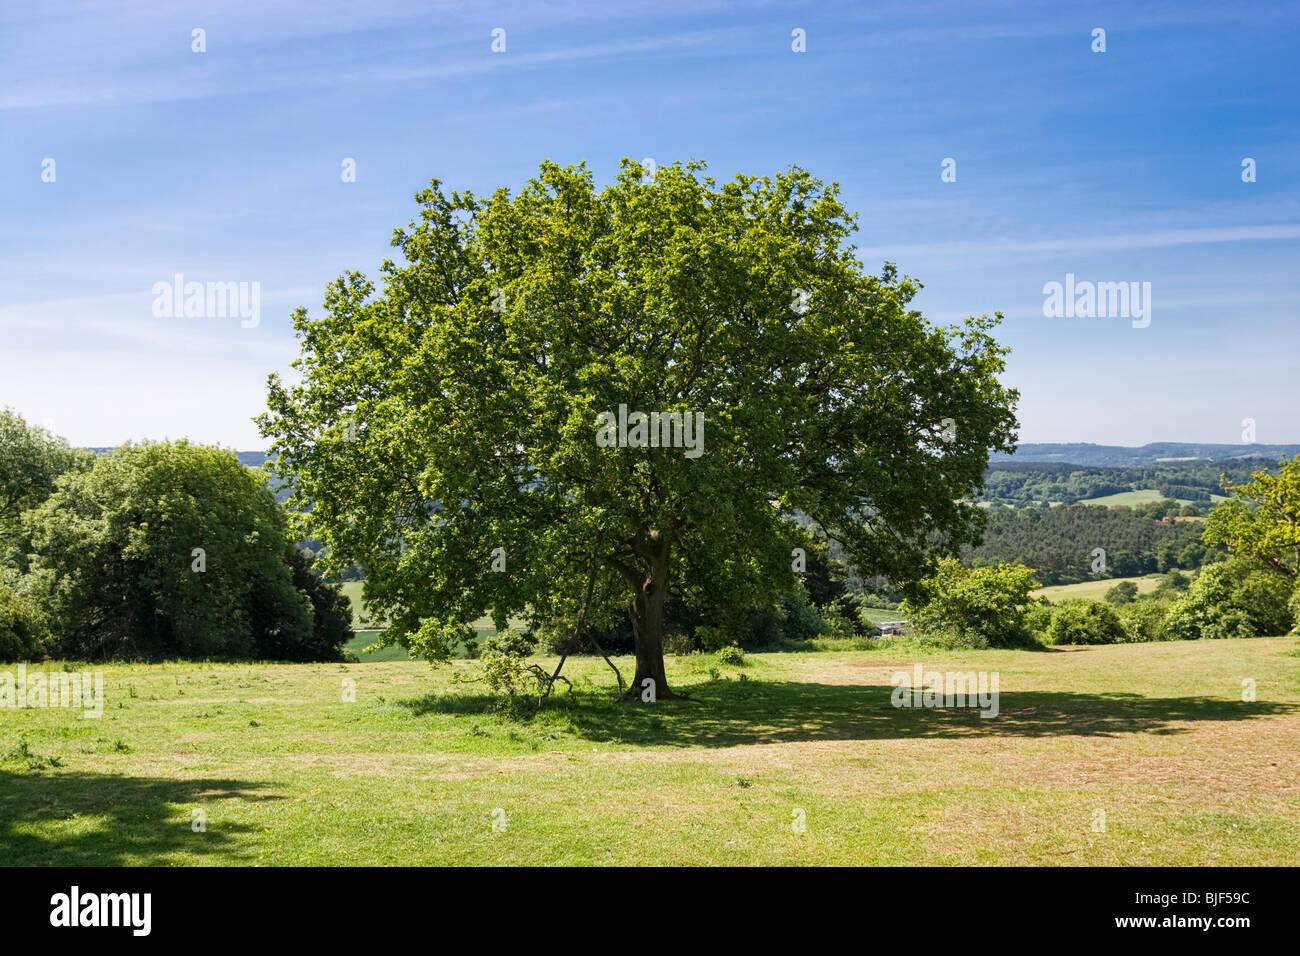 Árbol de roble en Newlands Corner, Surrey, Inglaterra, Reino Unido. Imagen De Stock